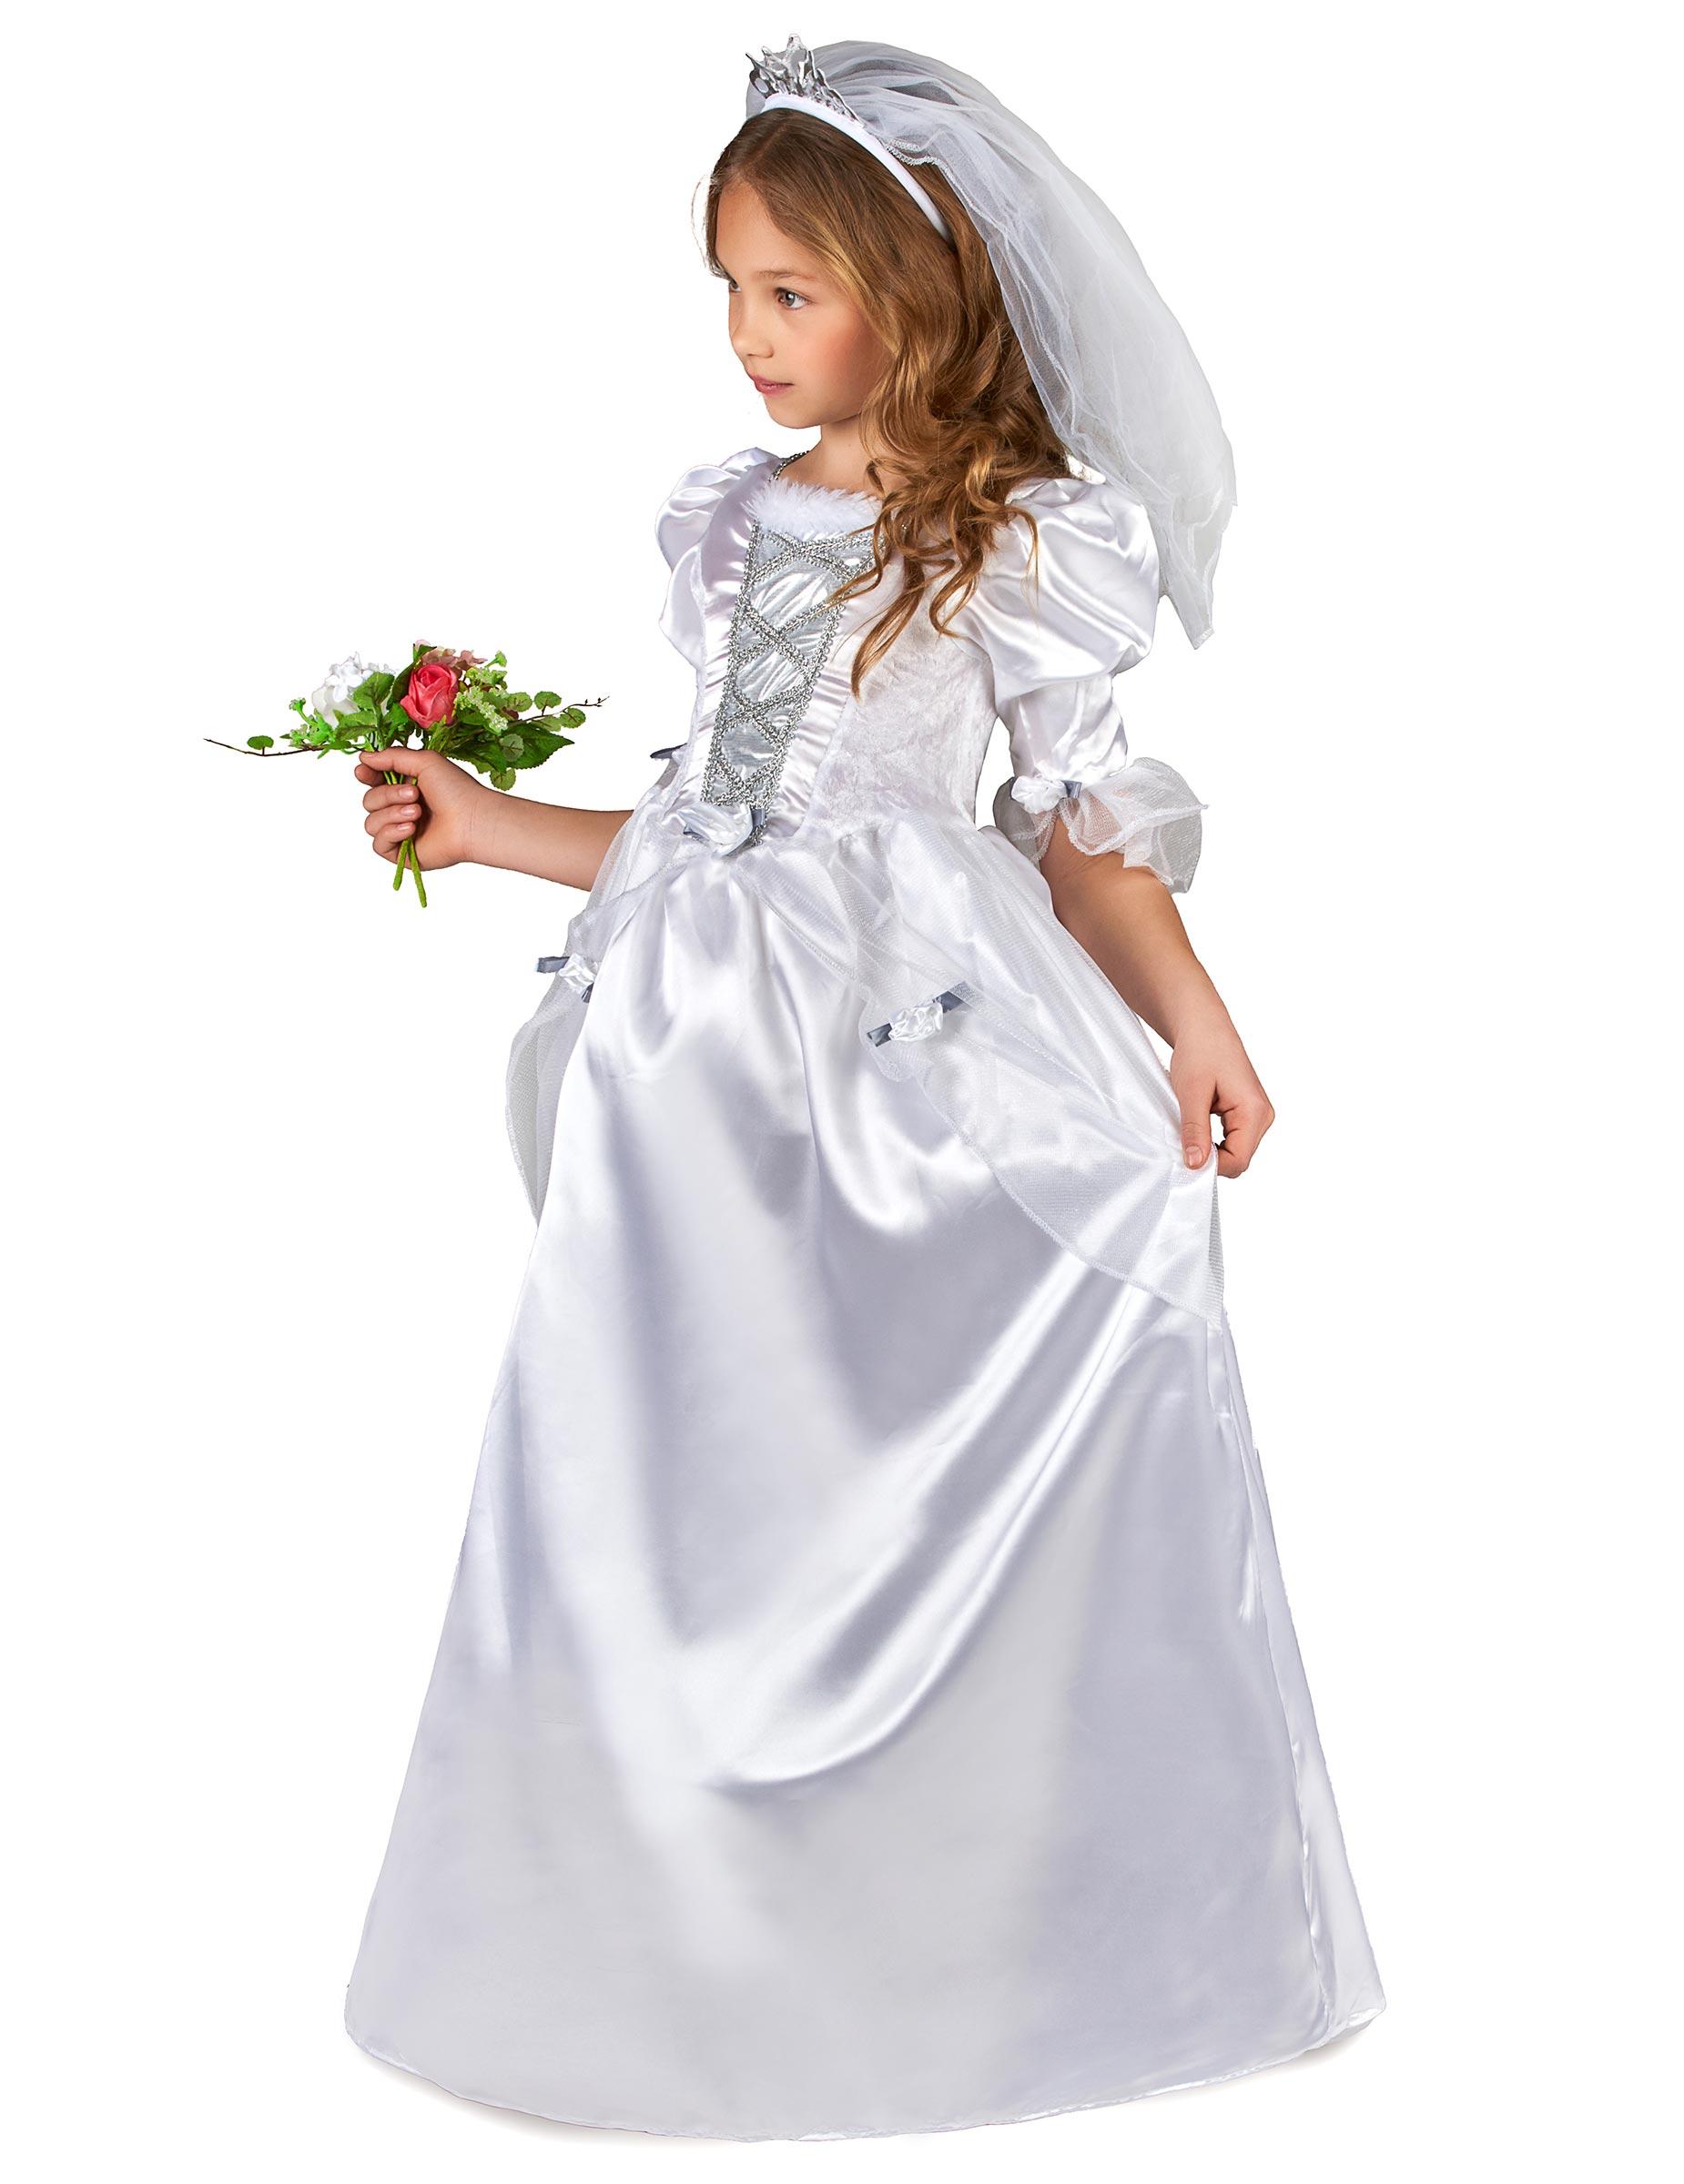 55373bca Kostume brudekjole til piger med slør, køb Kostumer til børn på ...